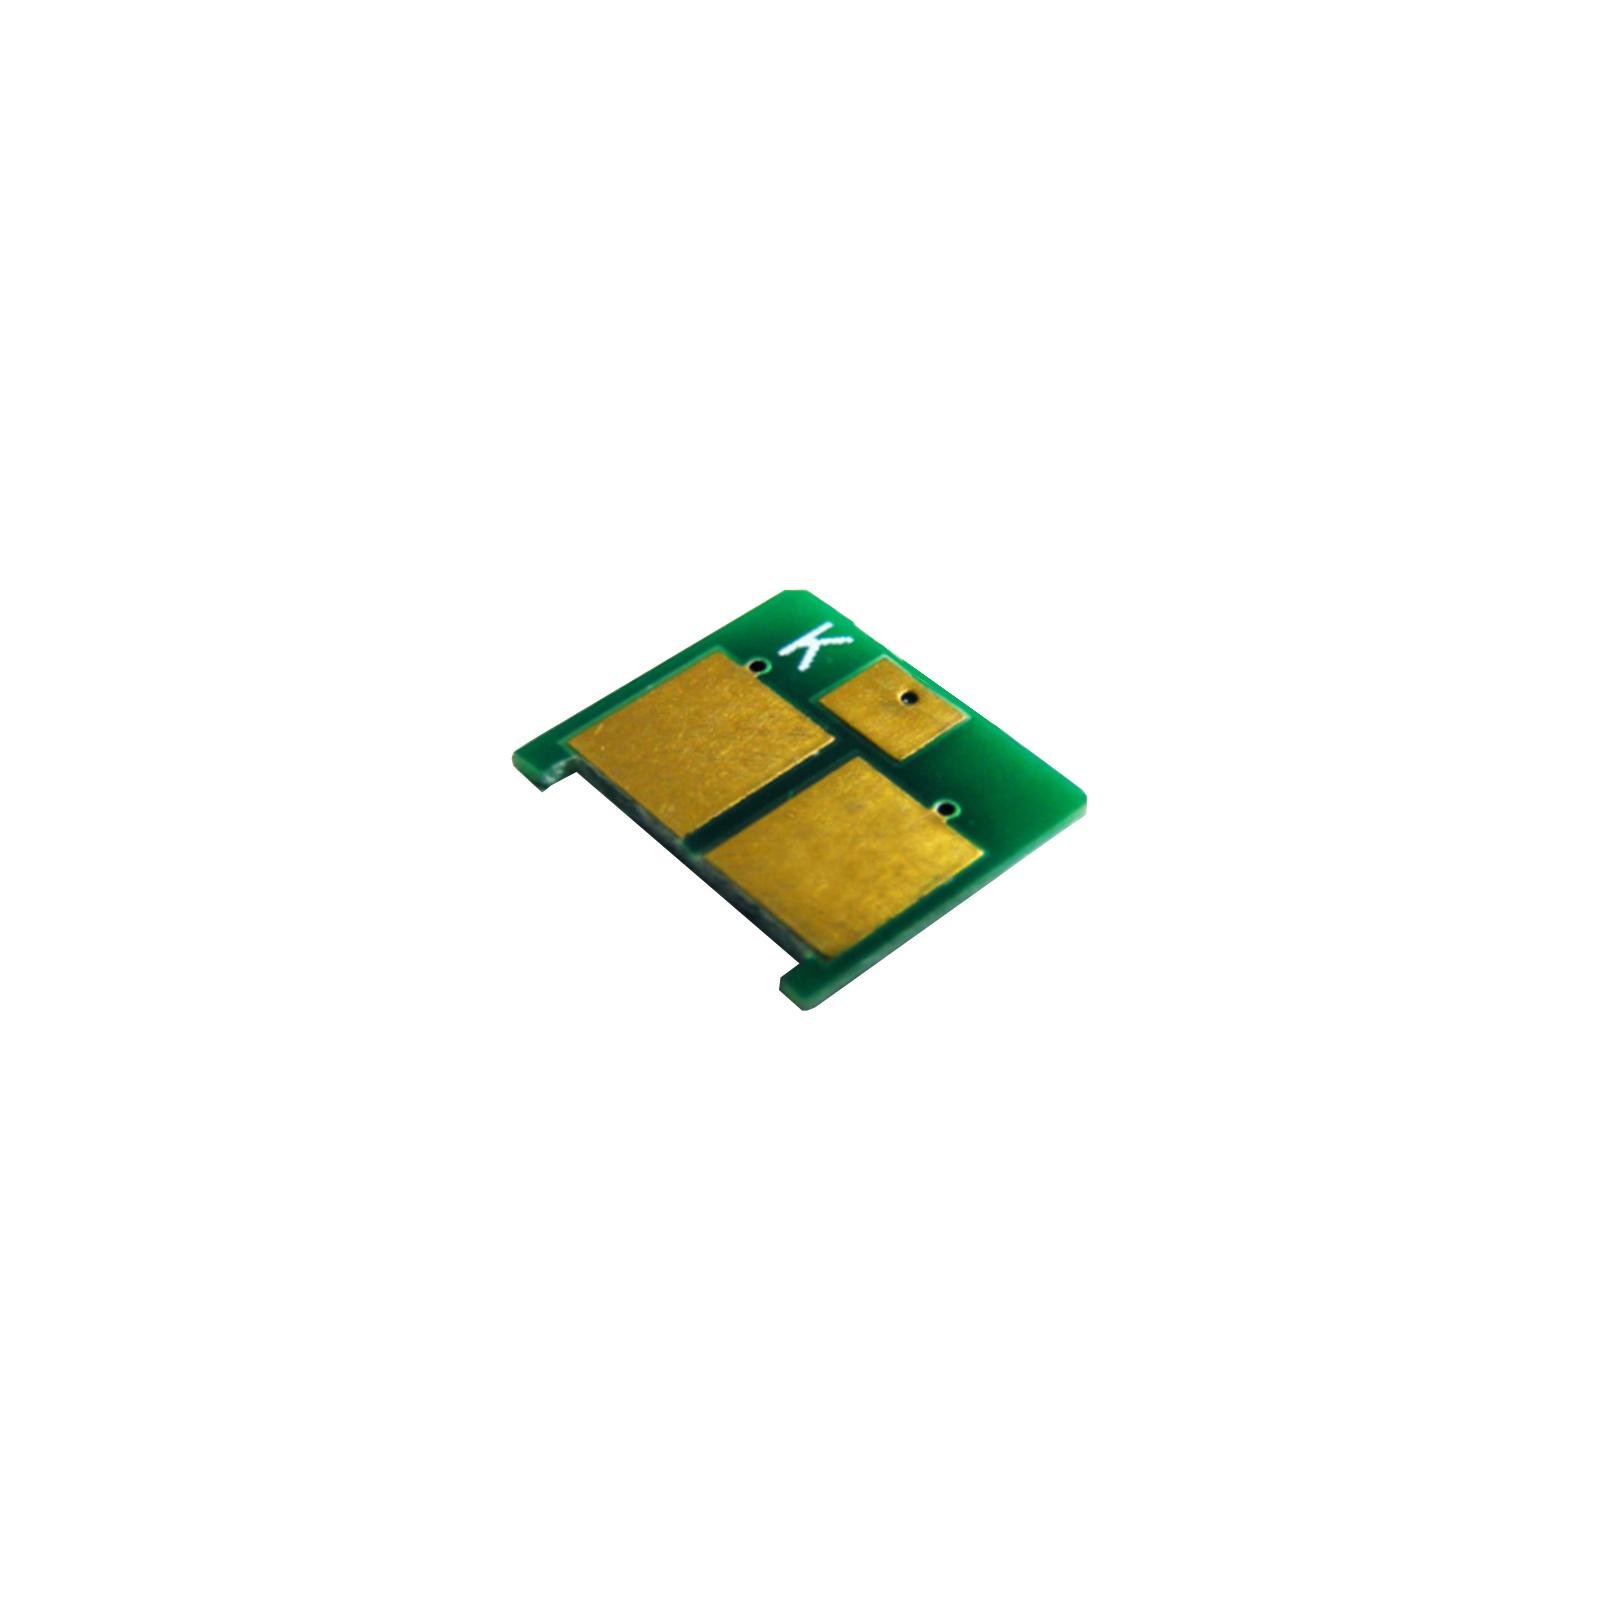 Чип для картриджа HP LJ P2035/2055 (CE505) WWM (CHP2035)